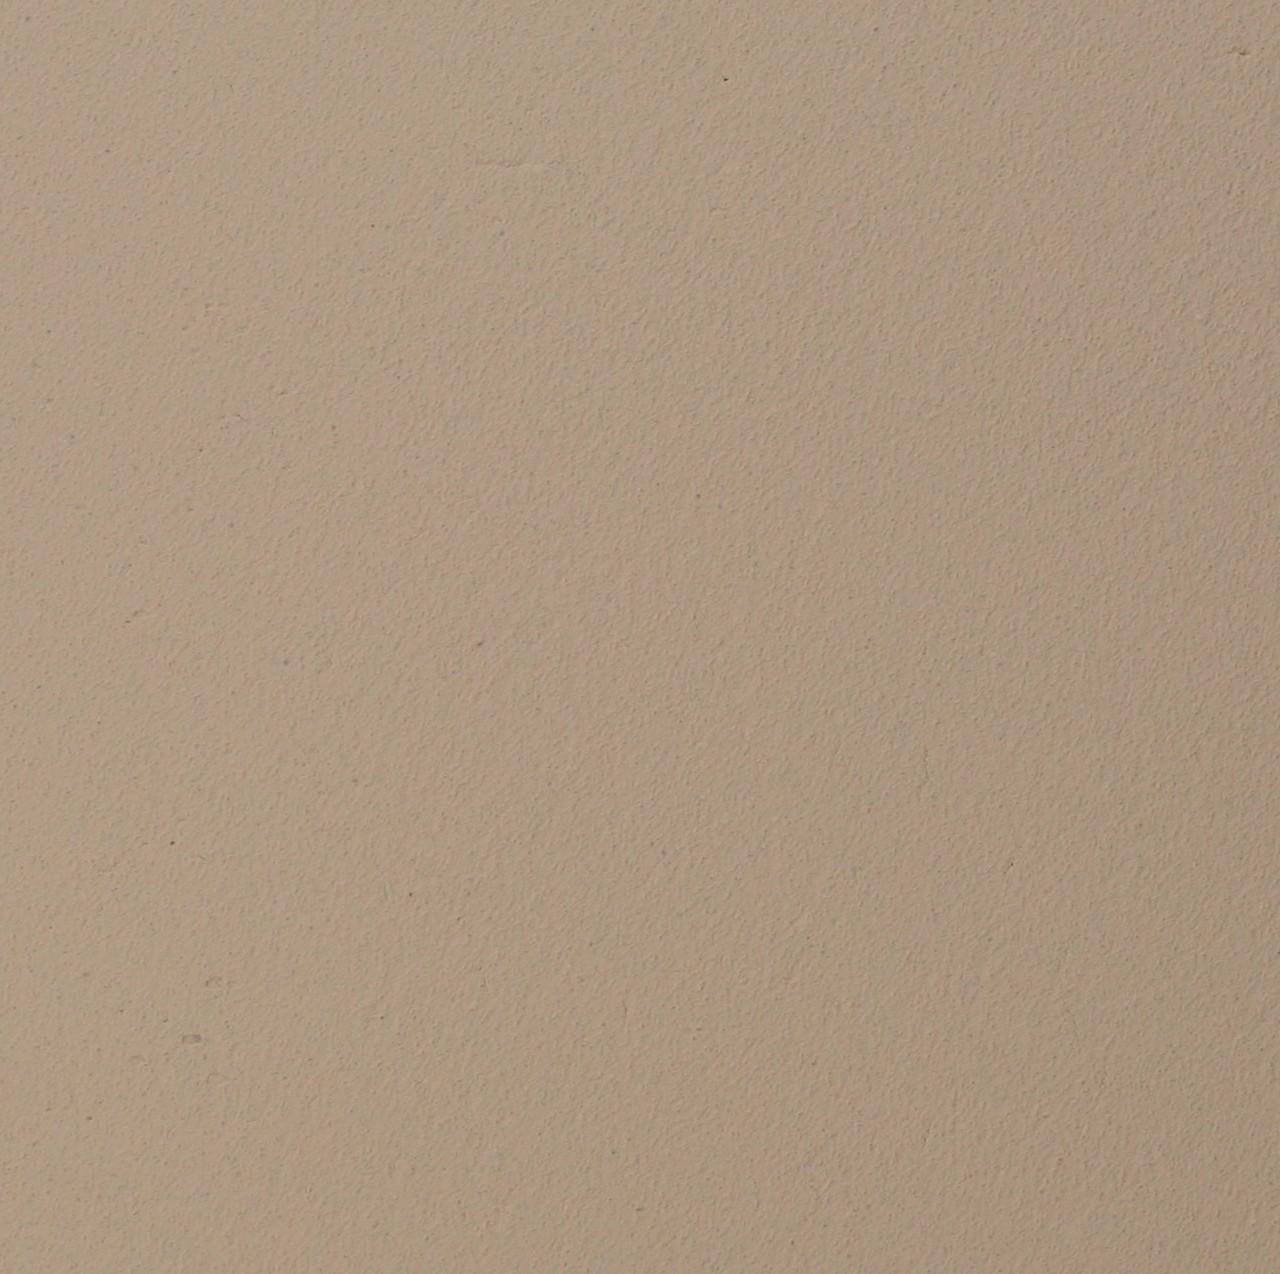 LMO.7070 - zand grijs